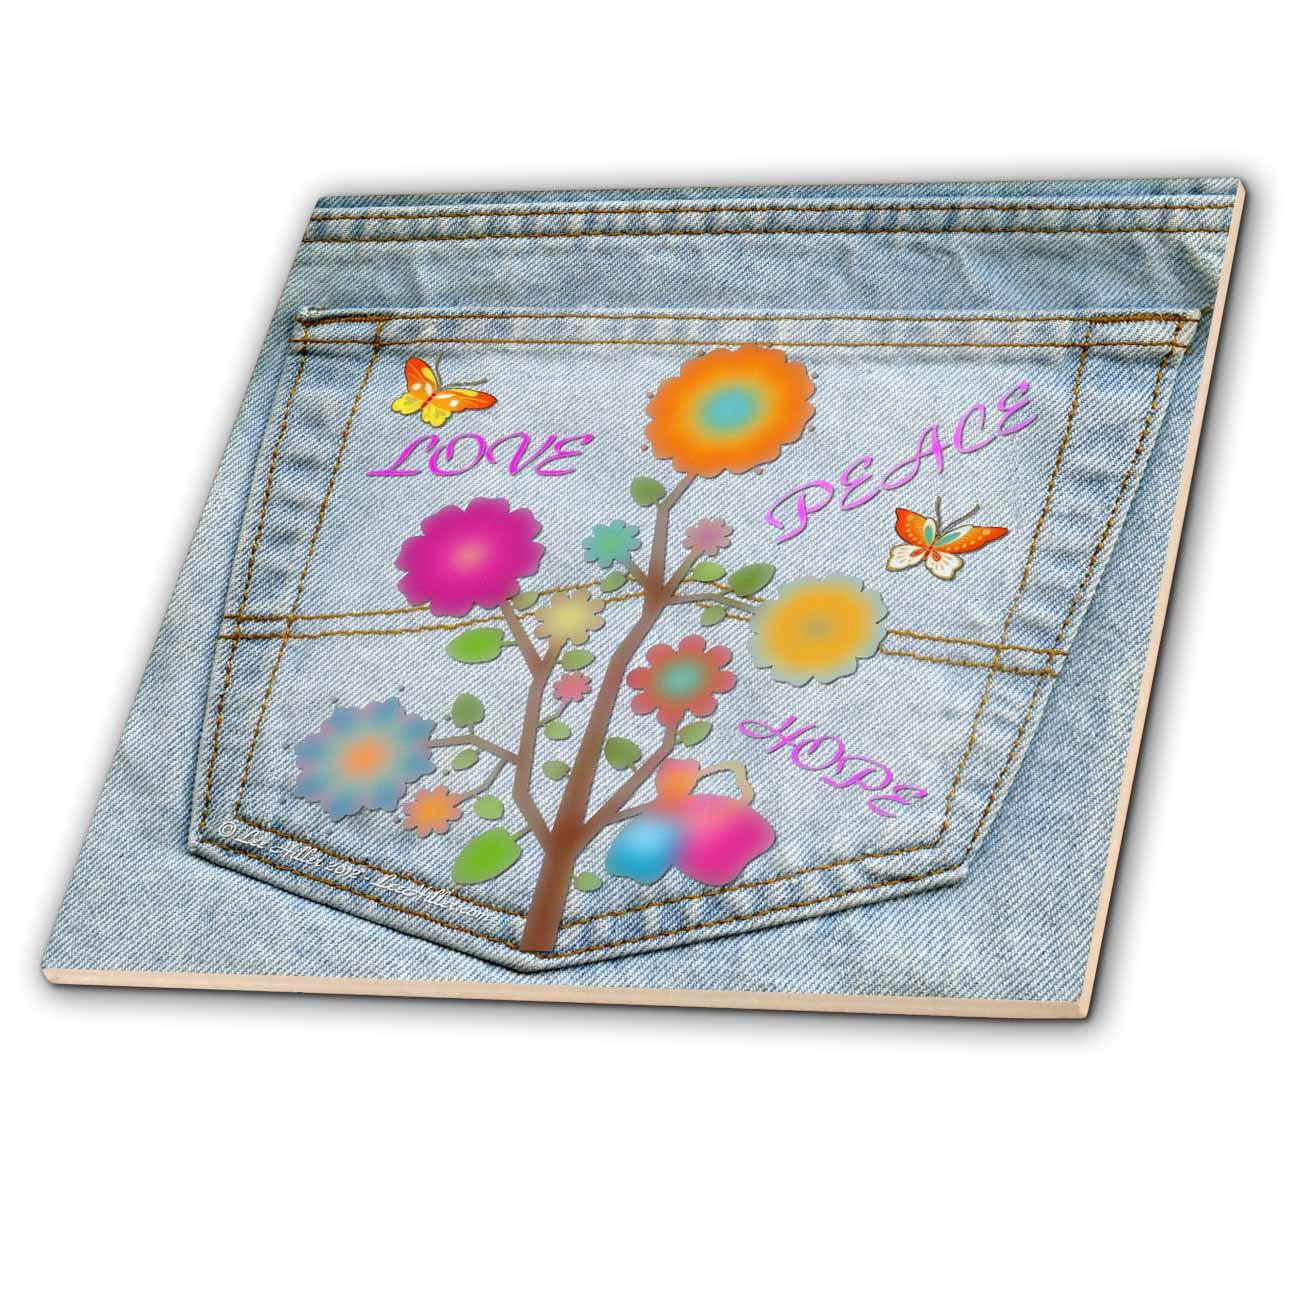 3dRose - Lee Hiller Design Back Jeans Pocket Designs - Jeans Back Pocket Flower Power Peace Love Hope - Tiles at Sears.com